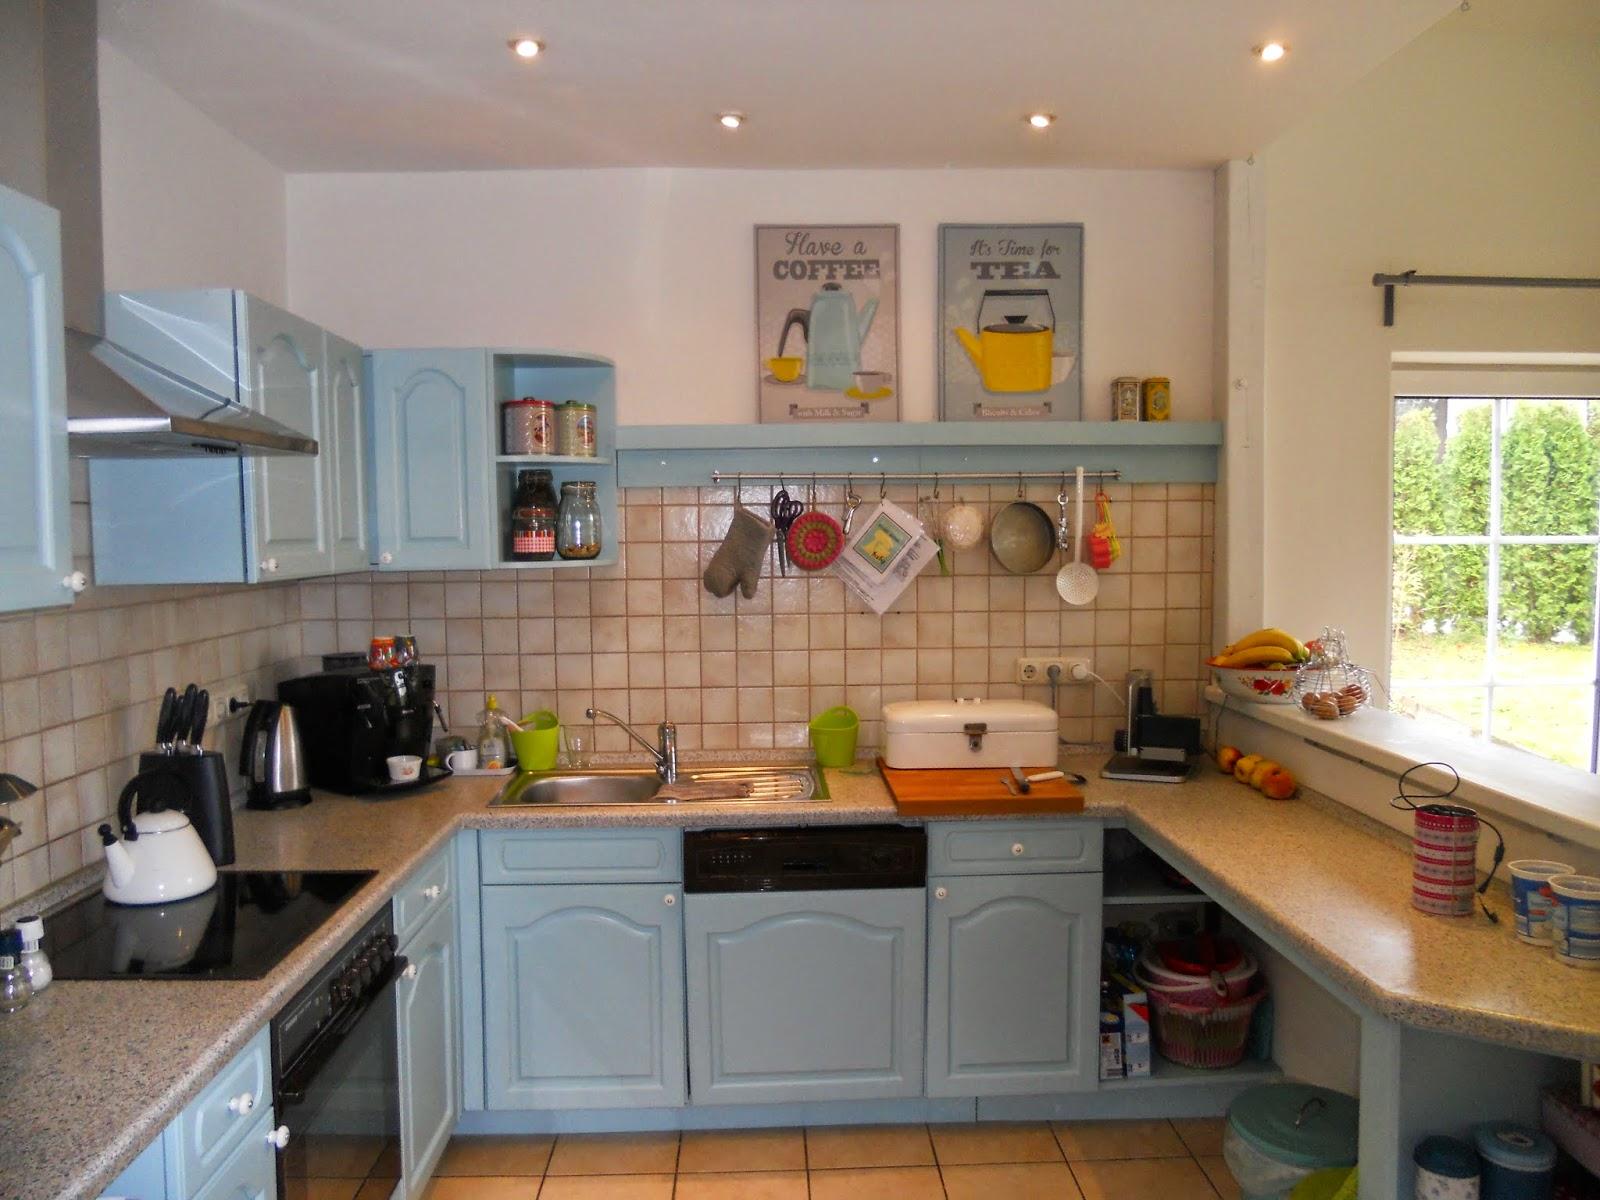 Keuken Make Over : Tante titi keuken make over